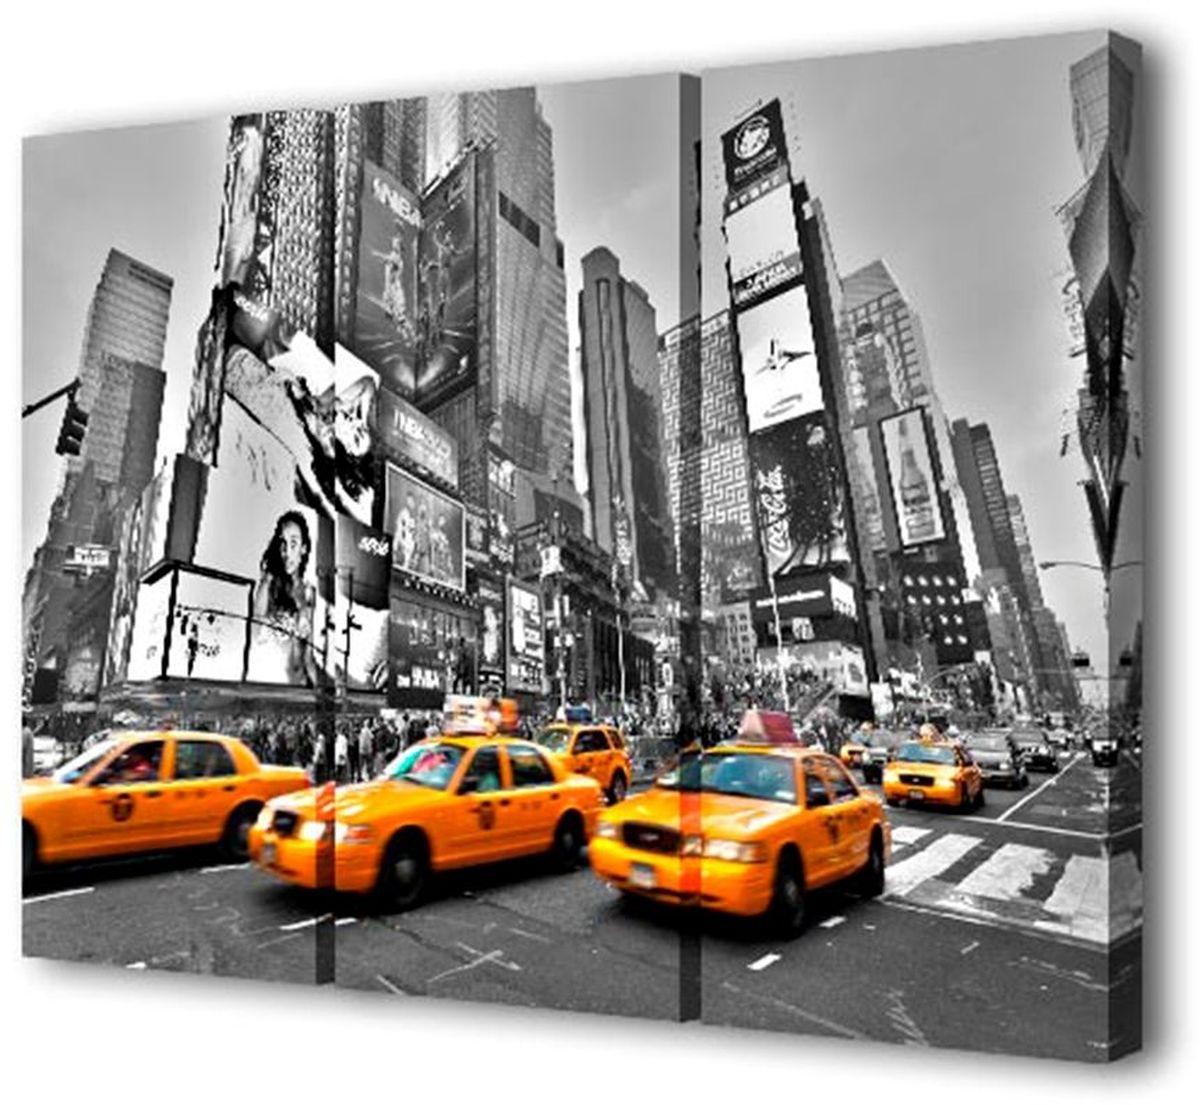 Картина модульная Toplight Город, 150 х 100 см. TL-M2032TL-M2032Модульная картина Toplight Город выполнена из синтетического полотна, подрамник из МДФ. Картина состоит из трех частей и выглядит очень аккуратно и эстетично благодаря такому способу оформления как галерейная натяжка. Подрамник исключает провисание полотна. Современные технологии, уникальное оборудование и цифровая печать, используемые в производстве, делают постер устойчивым к выцветанию и обеспечивают исключительное качество произведений. Благодаря наличию необходимых креплений в комплекте установка не займет много времени. Модульная картина - это прекрасная возможность создать яркий акцент при оформлении любого помещения. Изделие обязательно привлечет внимание и подарит немало приятных впечатлений своим обладателям. Правила ухода: можно протирать сухой, мягкой тканью. Рекомендованное расстояние между сегментами: 2 см. Толщина подрамника: 3 см.